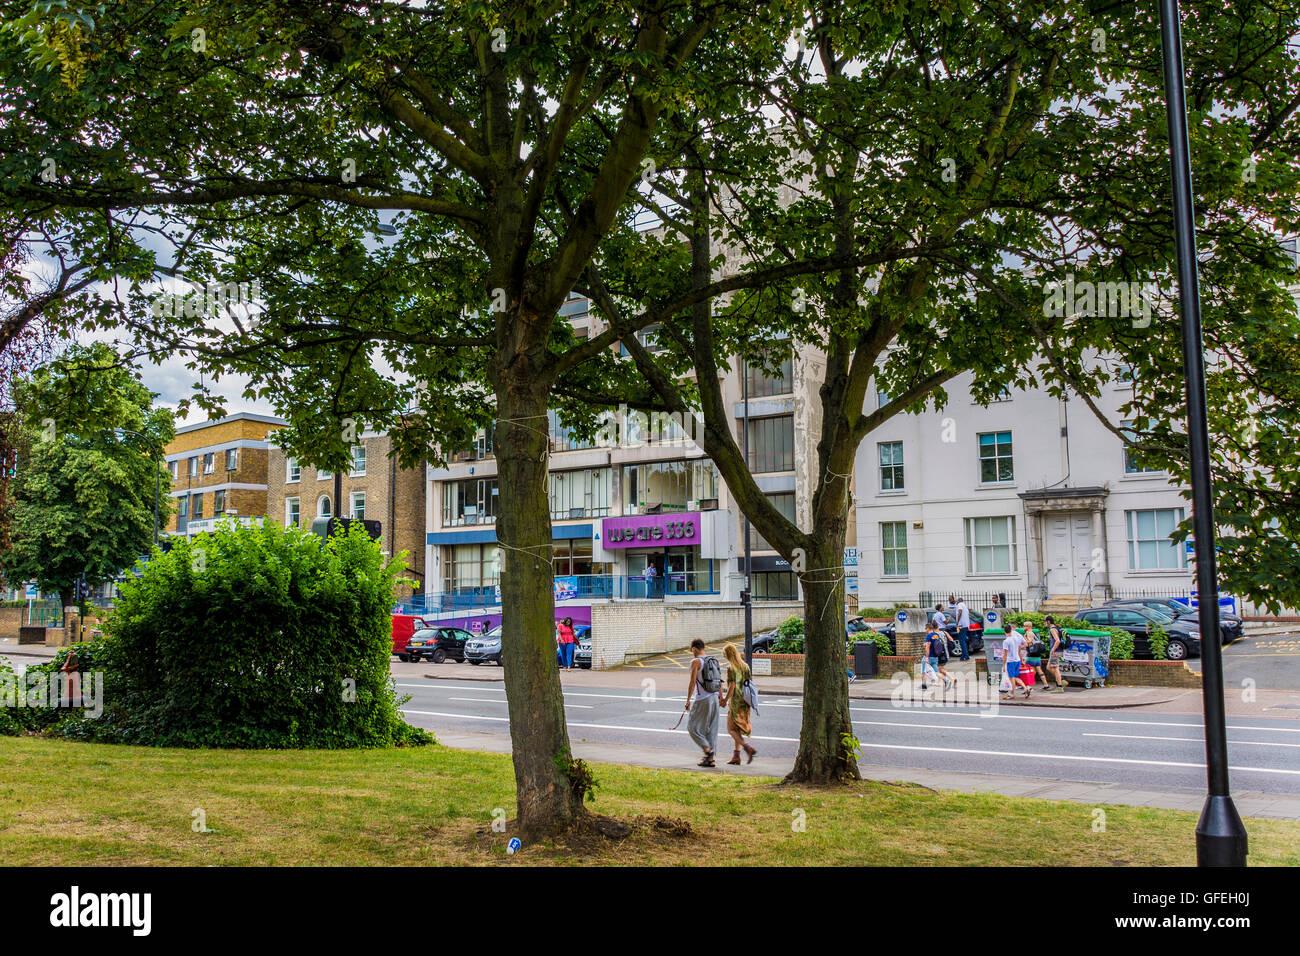 Wir sind 336, 336 Brixton Road, London ? eine Wohltätigkeitsorganisation Bereitstellung von Büroraum, Stockbild